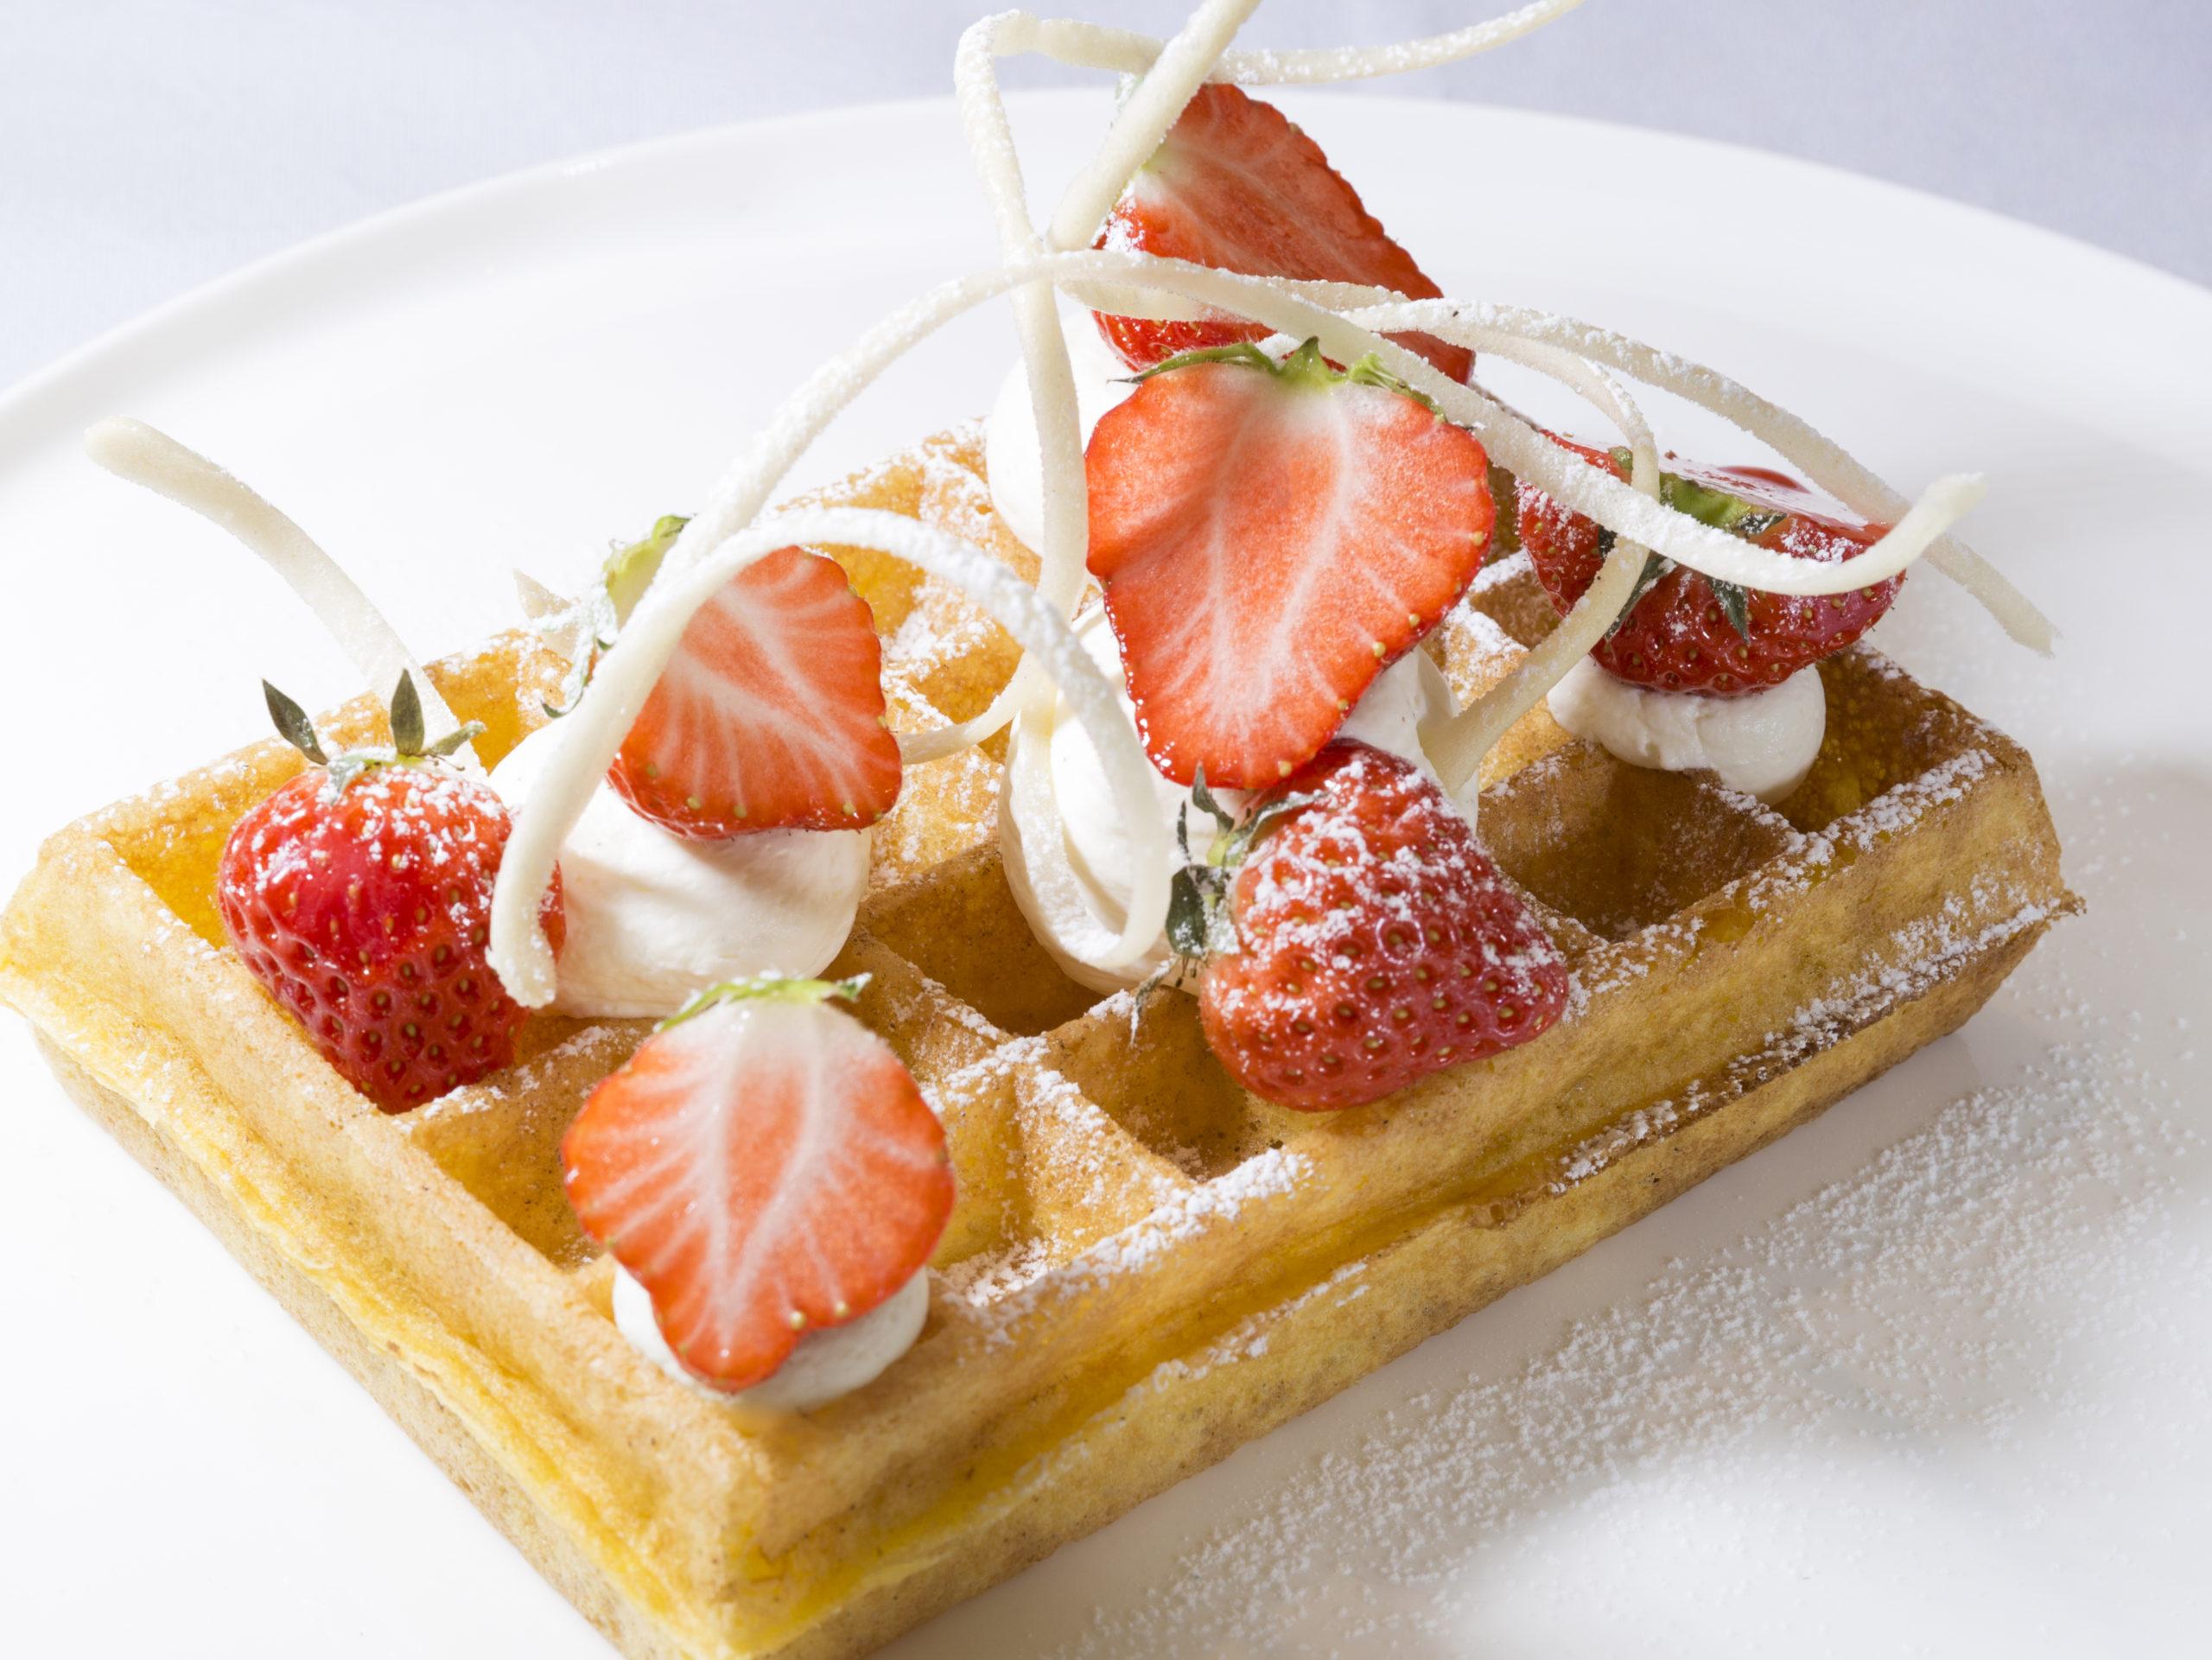 Wafels met aardbeien door Roger Van Damme - Culinaire Ambiance